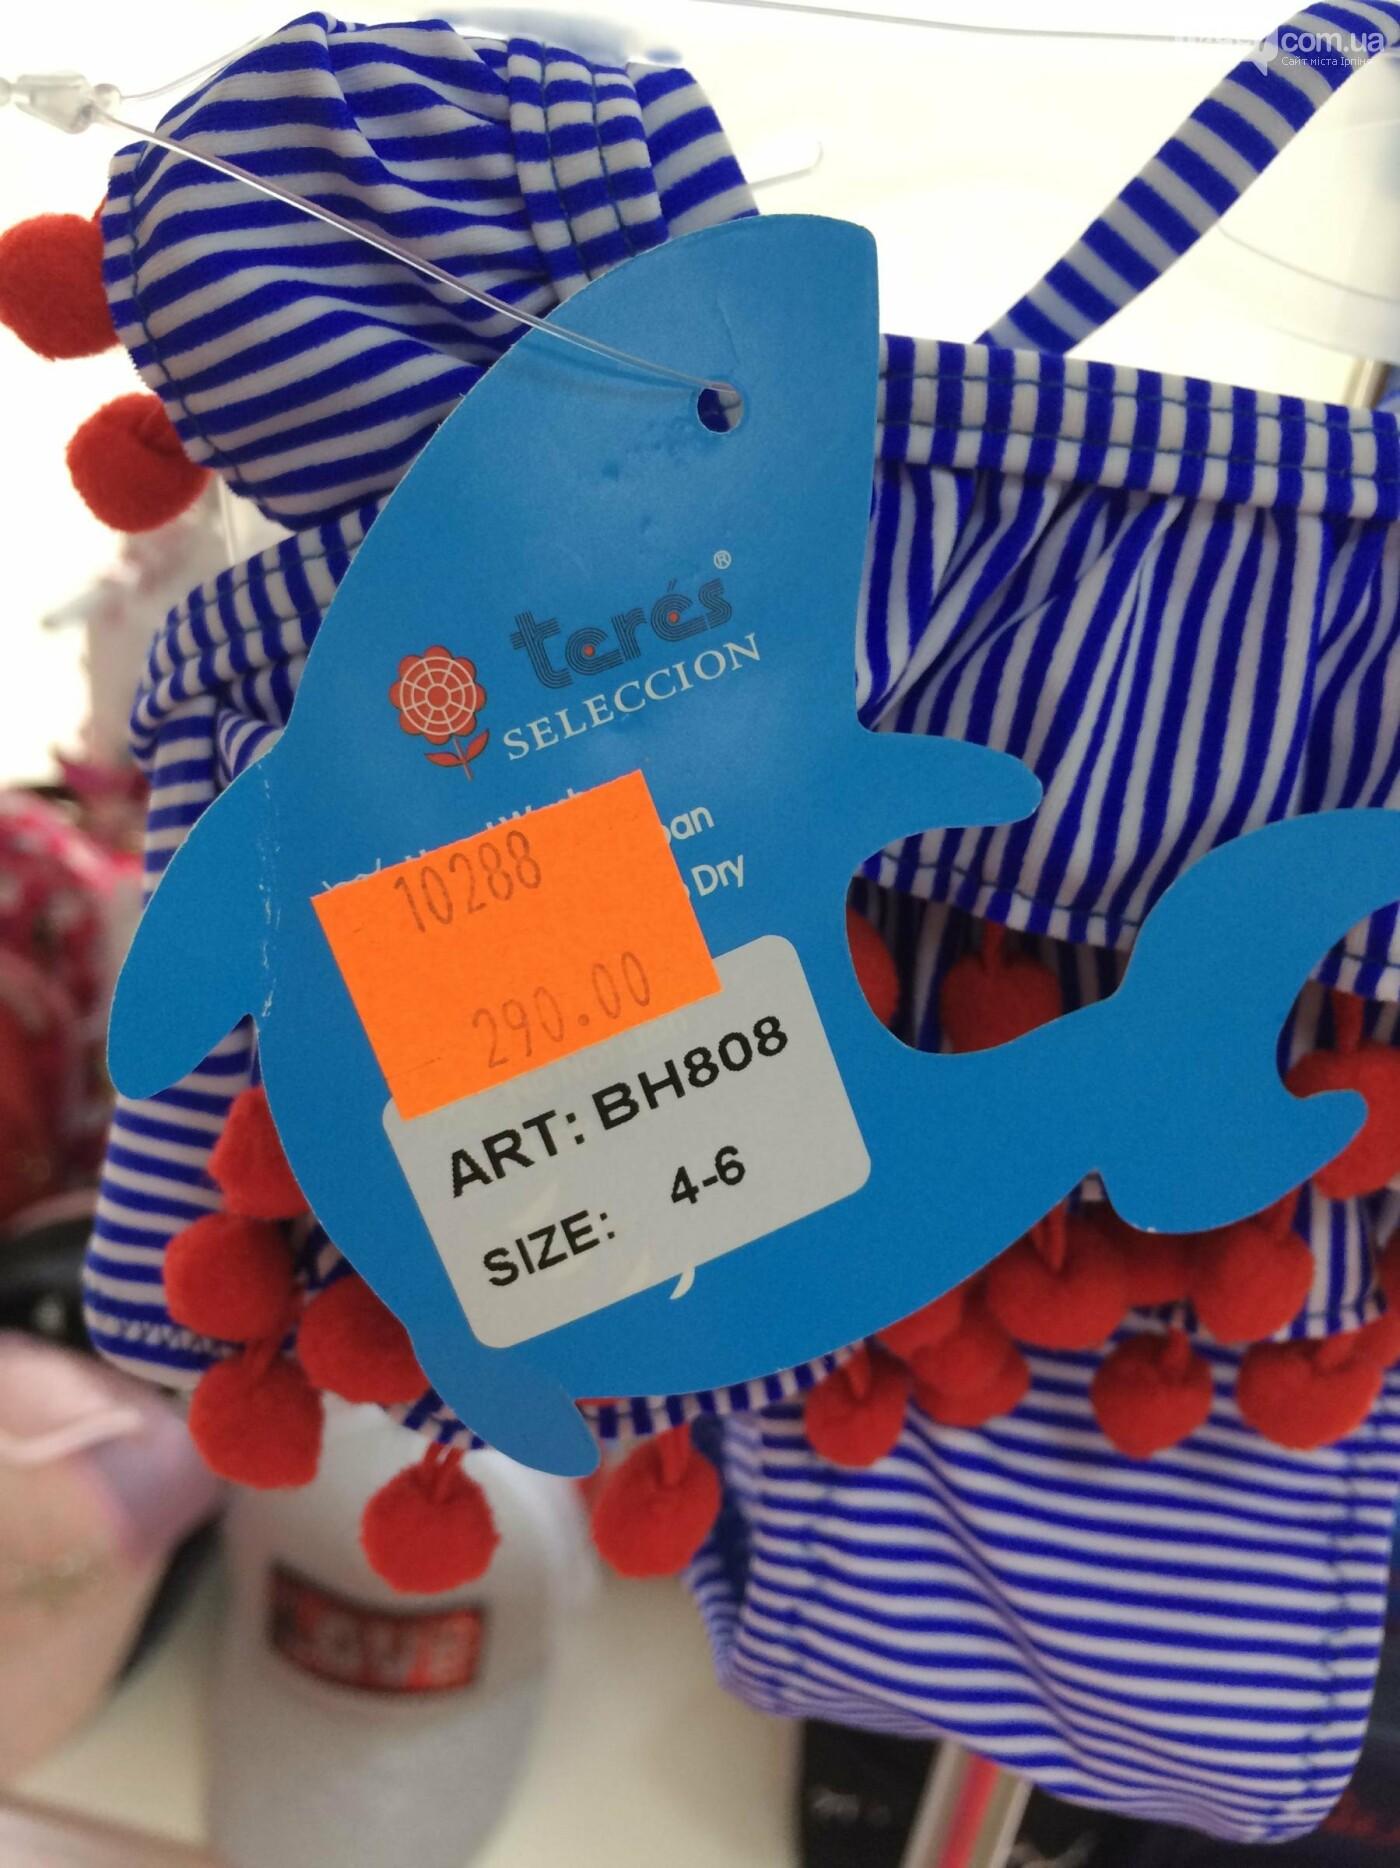 Де купити дитячий одяг в Ірпені: асортимент та ціни, фото-19